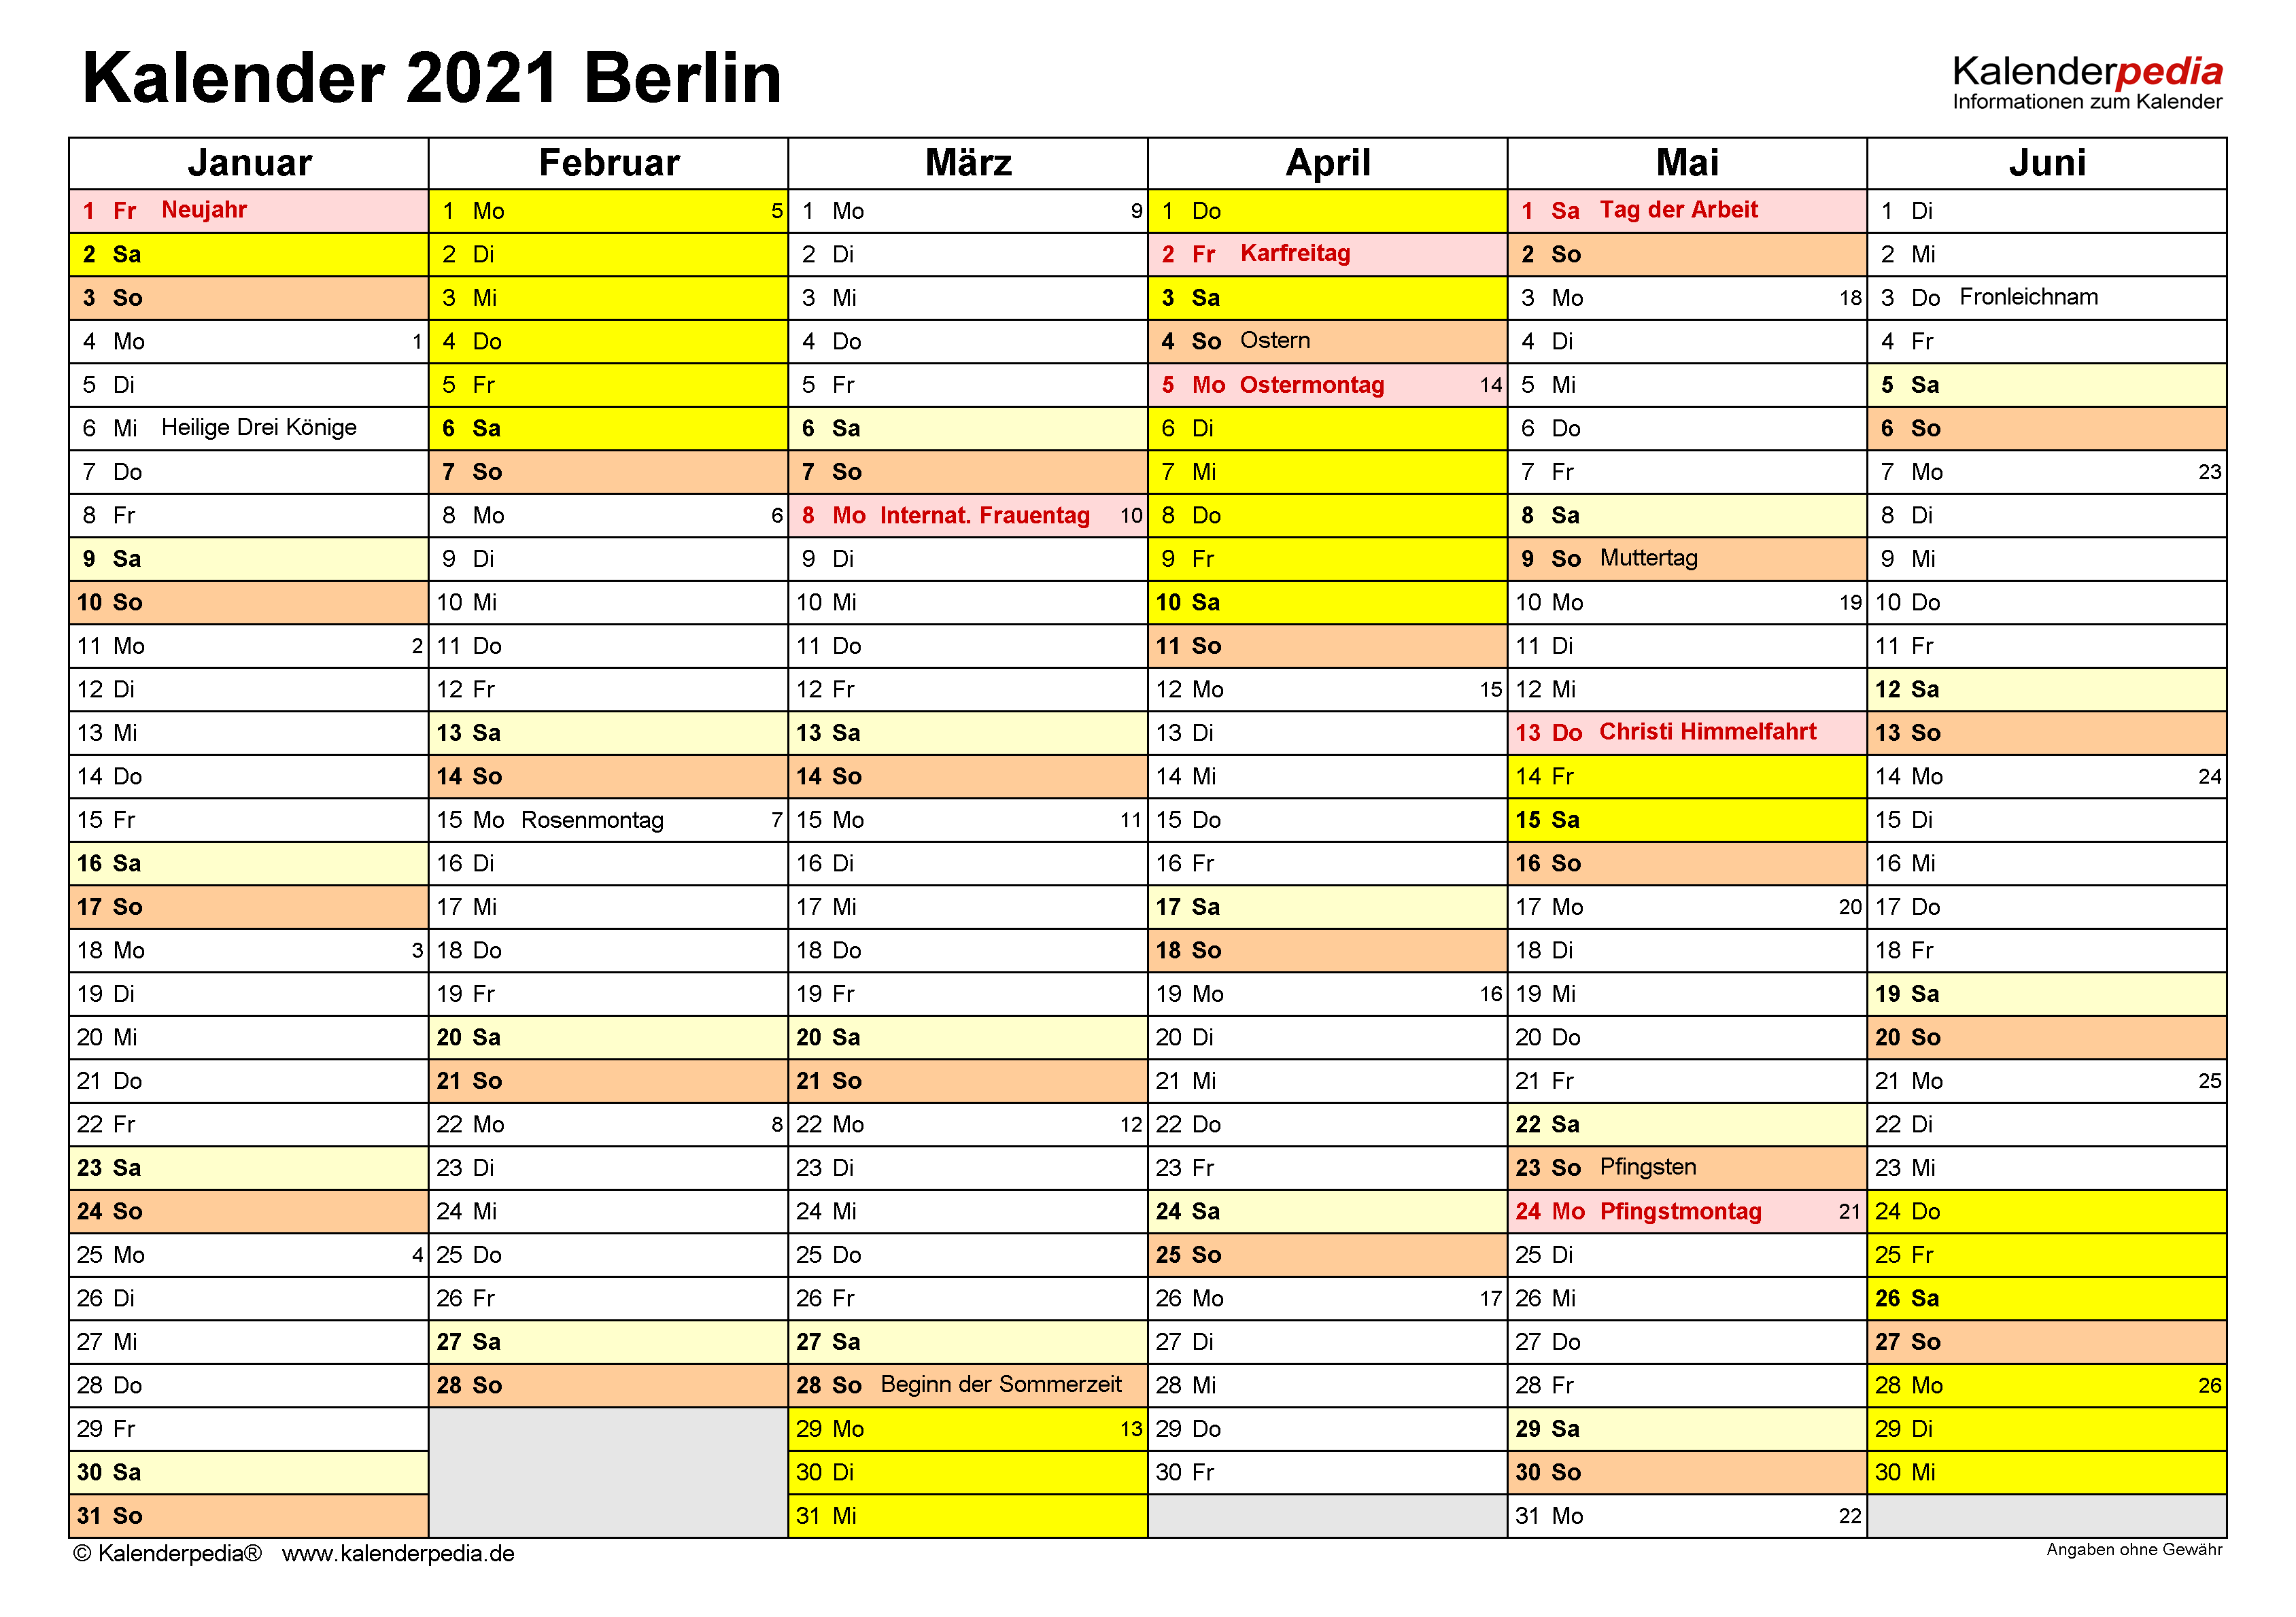 Kalender 2021 Nrw Ferien : FERIEN Schleswig-Holstein 2021 ...